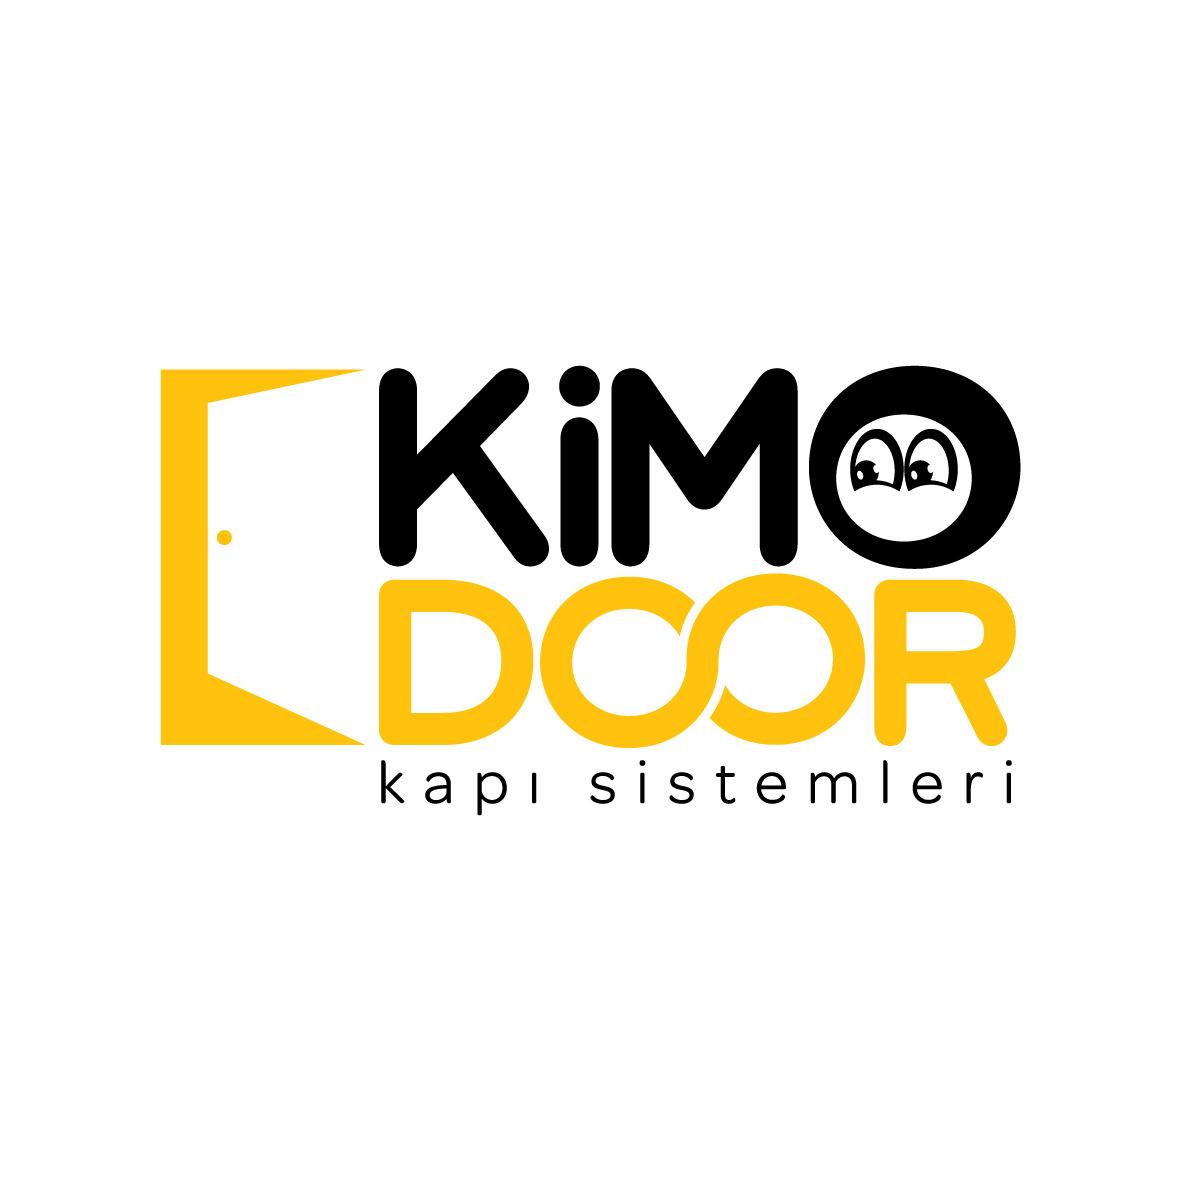 Kimo Door Kapı Sistemleri ve Mutfak Dolabı Tadilat Dekorasyon Ltd Şti